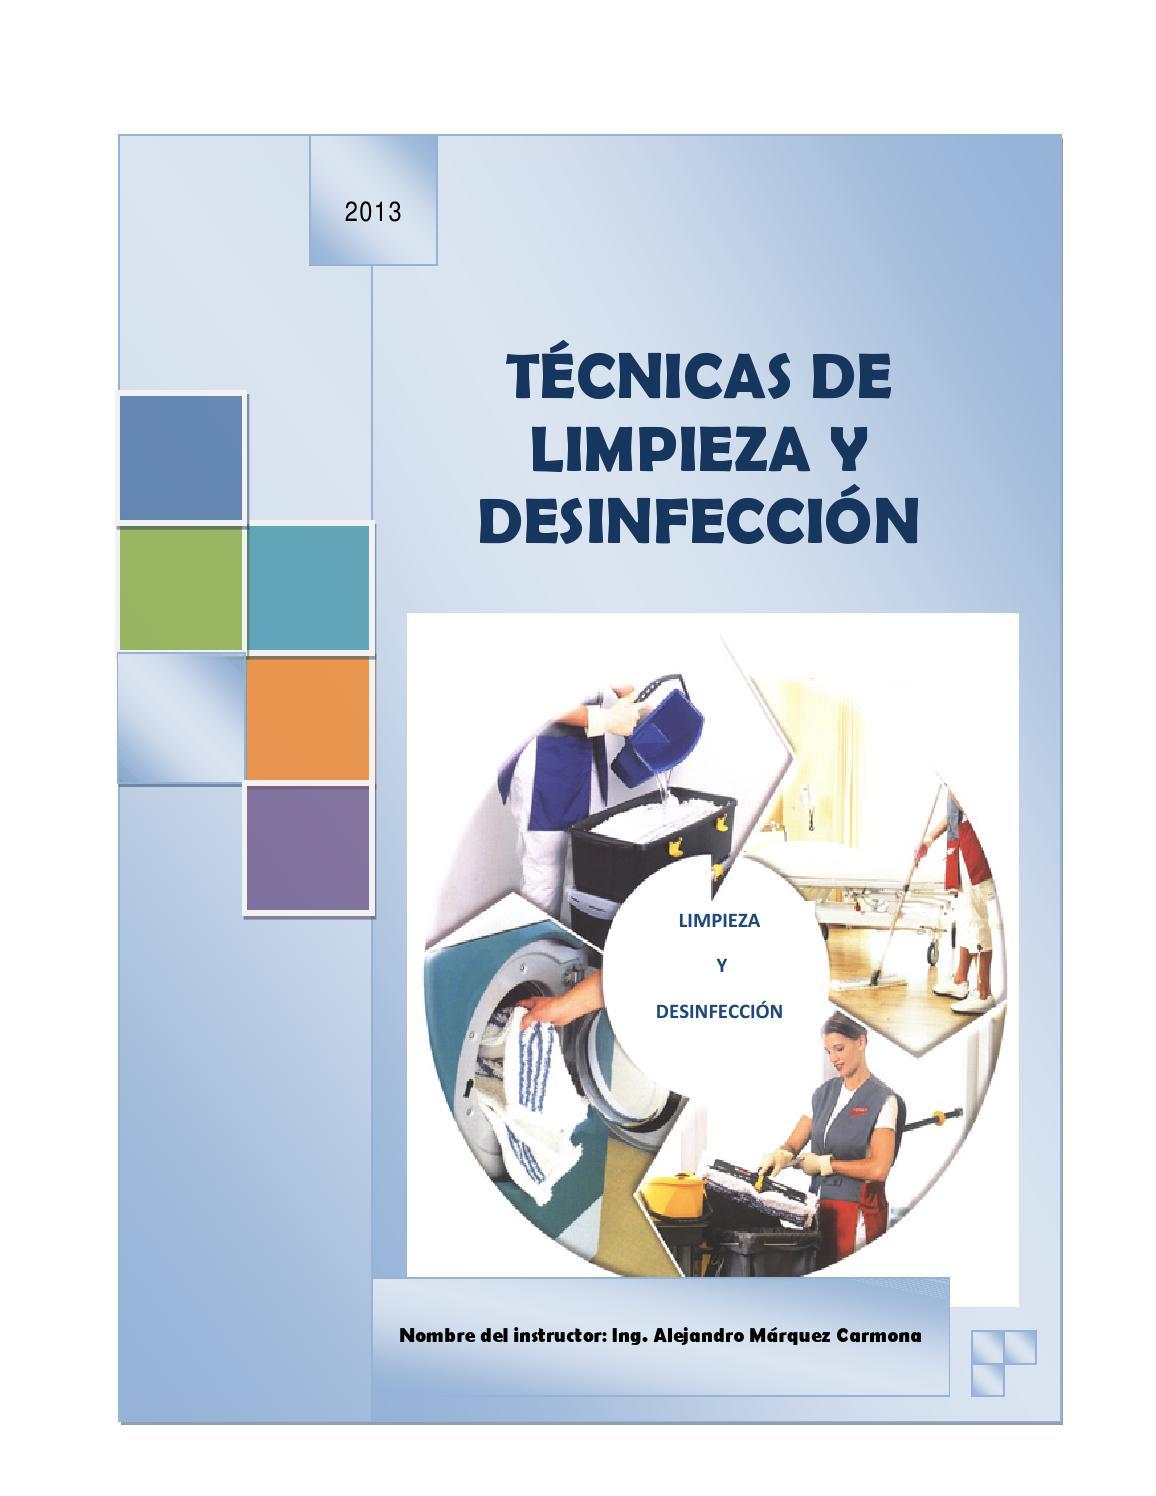 Limpieza y desinfecci n by el macho issuu for Limpieza y desinfeccion de equipos y utensilios de cocina